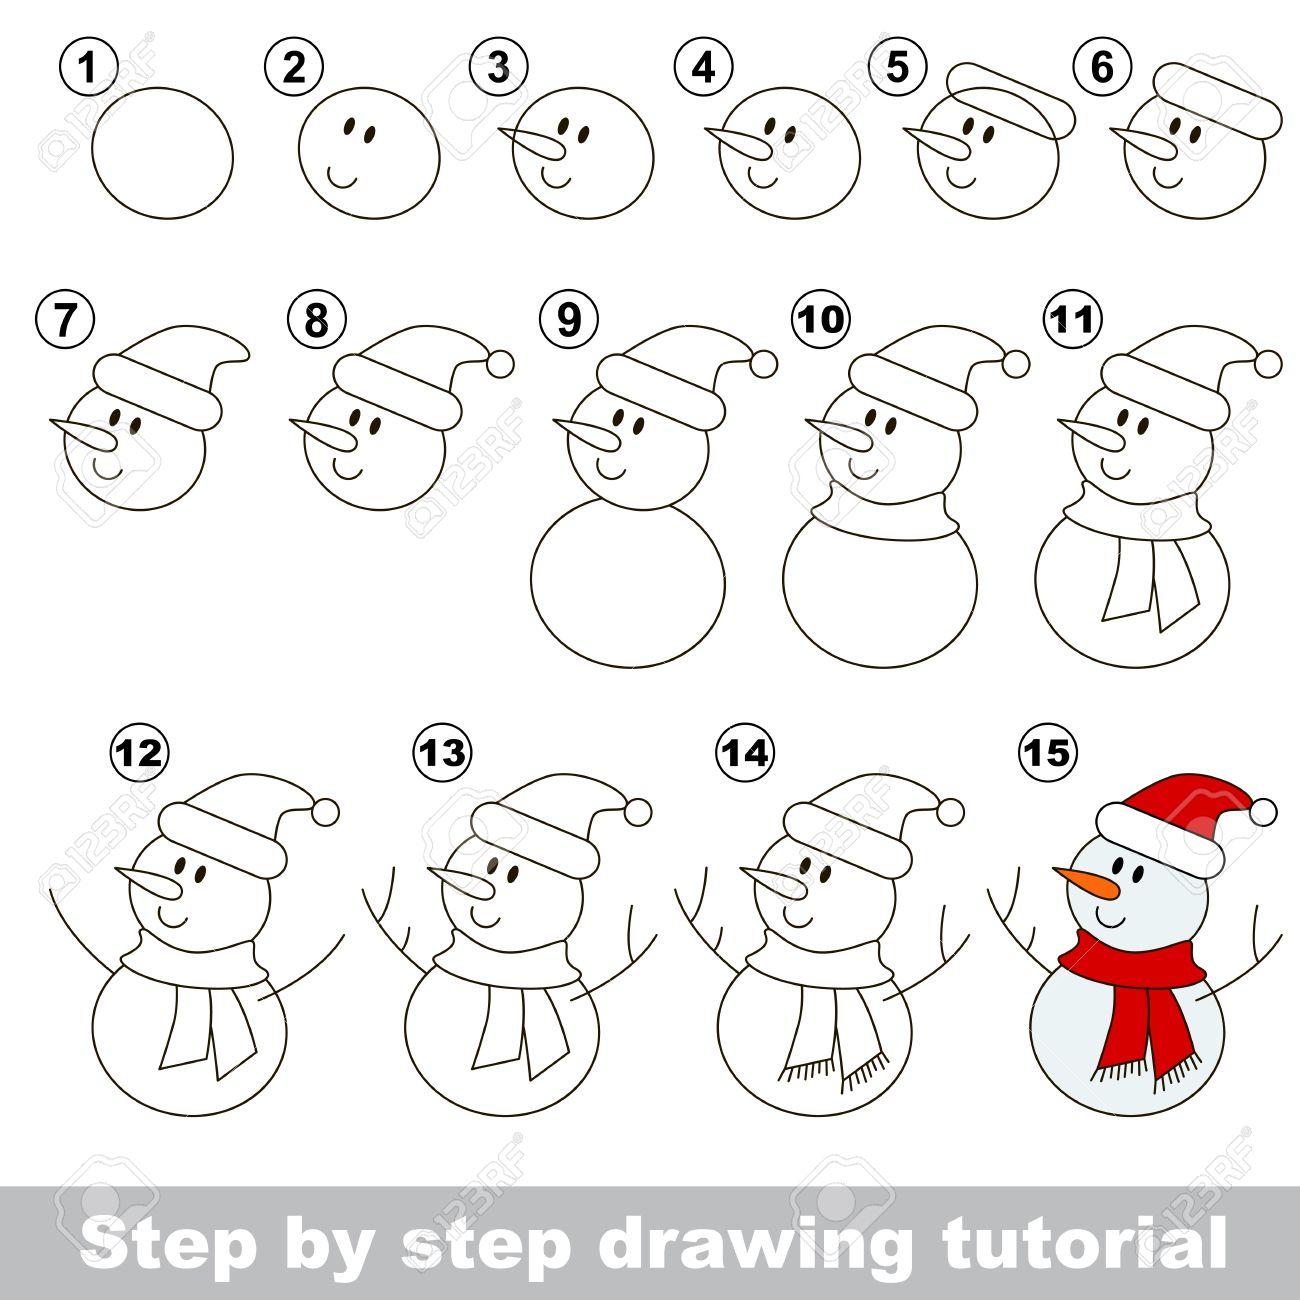 Dessin Tutoriel Pour Les Enfants Comment Dessiner Le Bonhomme De Neige Drole Clip Art Libres De Droits Vecteurs Et Illustration Image 52992221